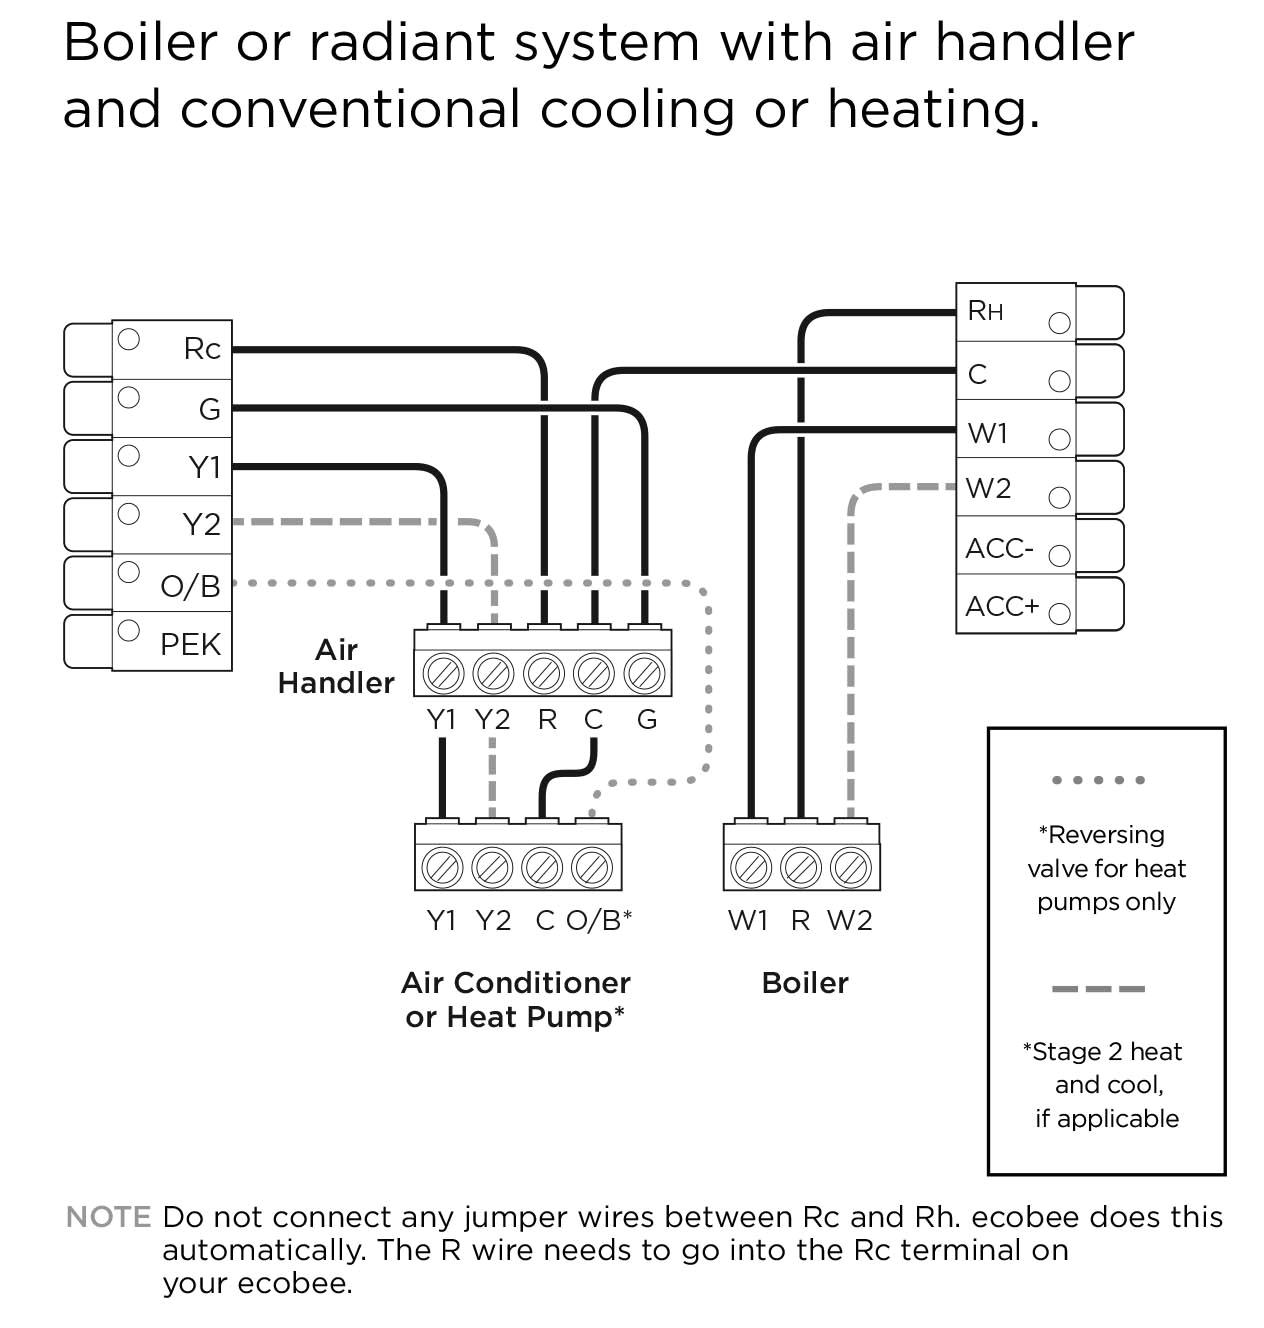 ecobee4 boiler wiring diagram jpg